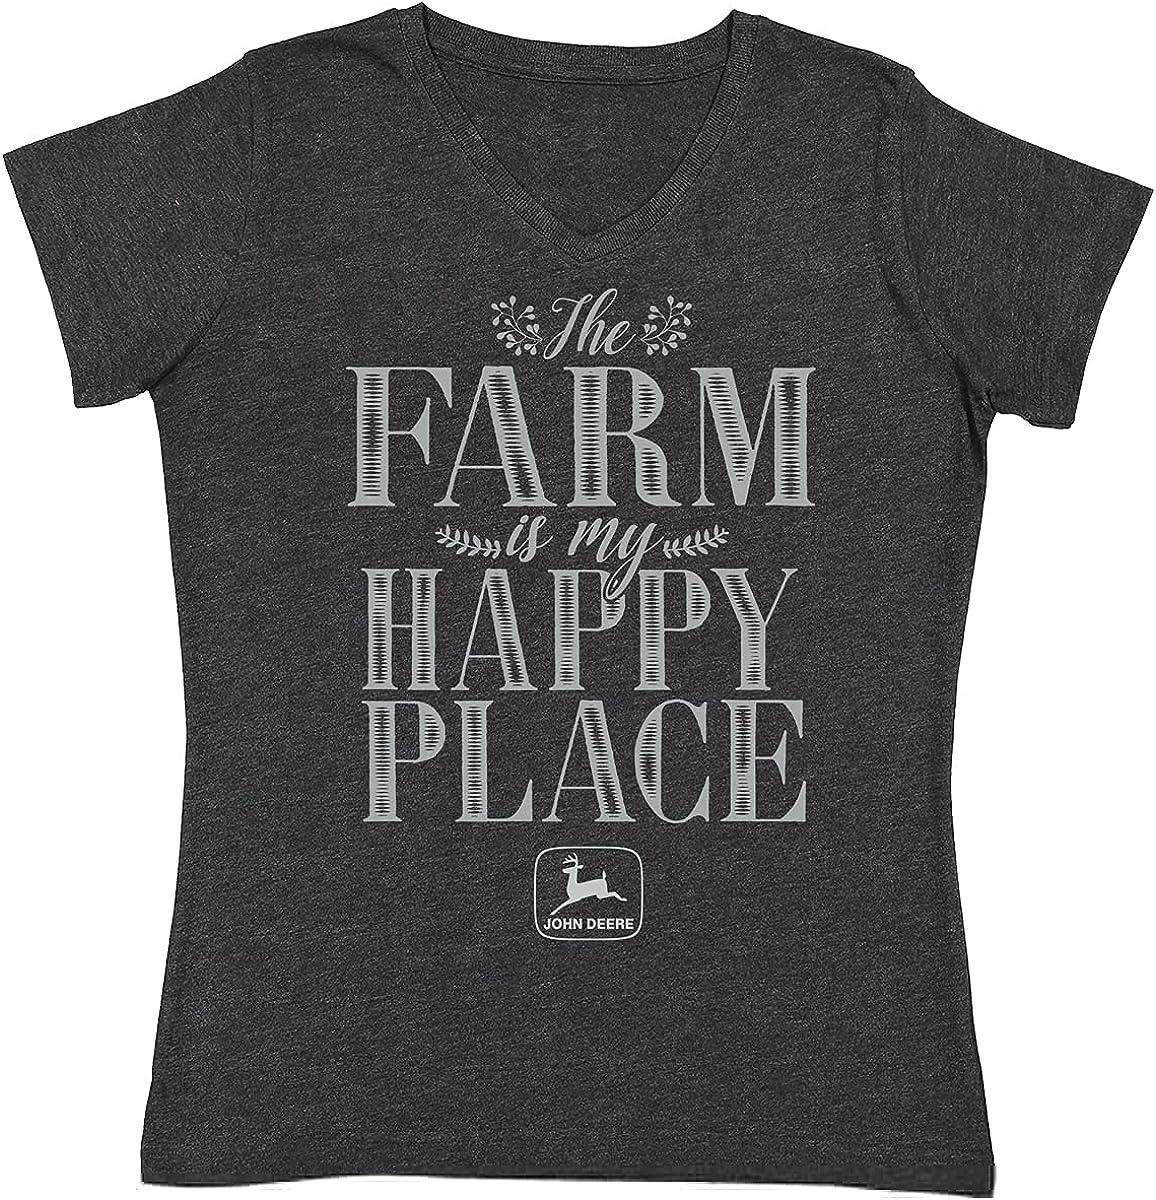 John Deere The Farm is My Happy Place Women's T-Shirt